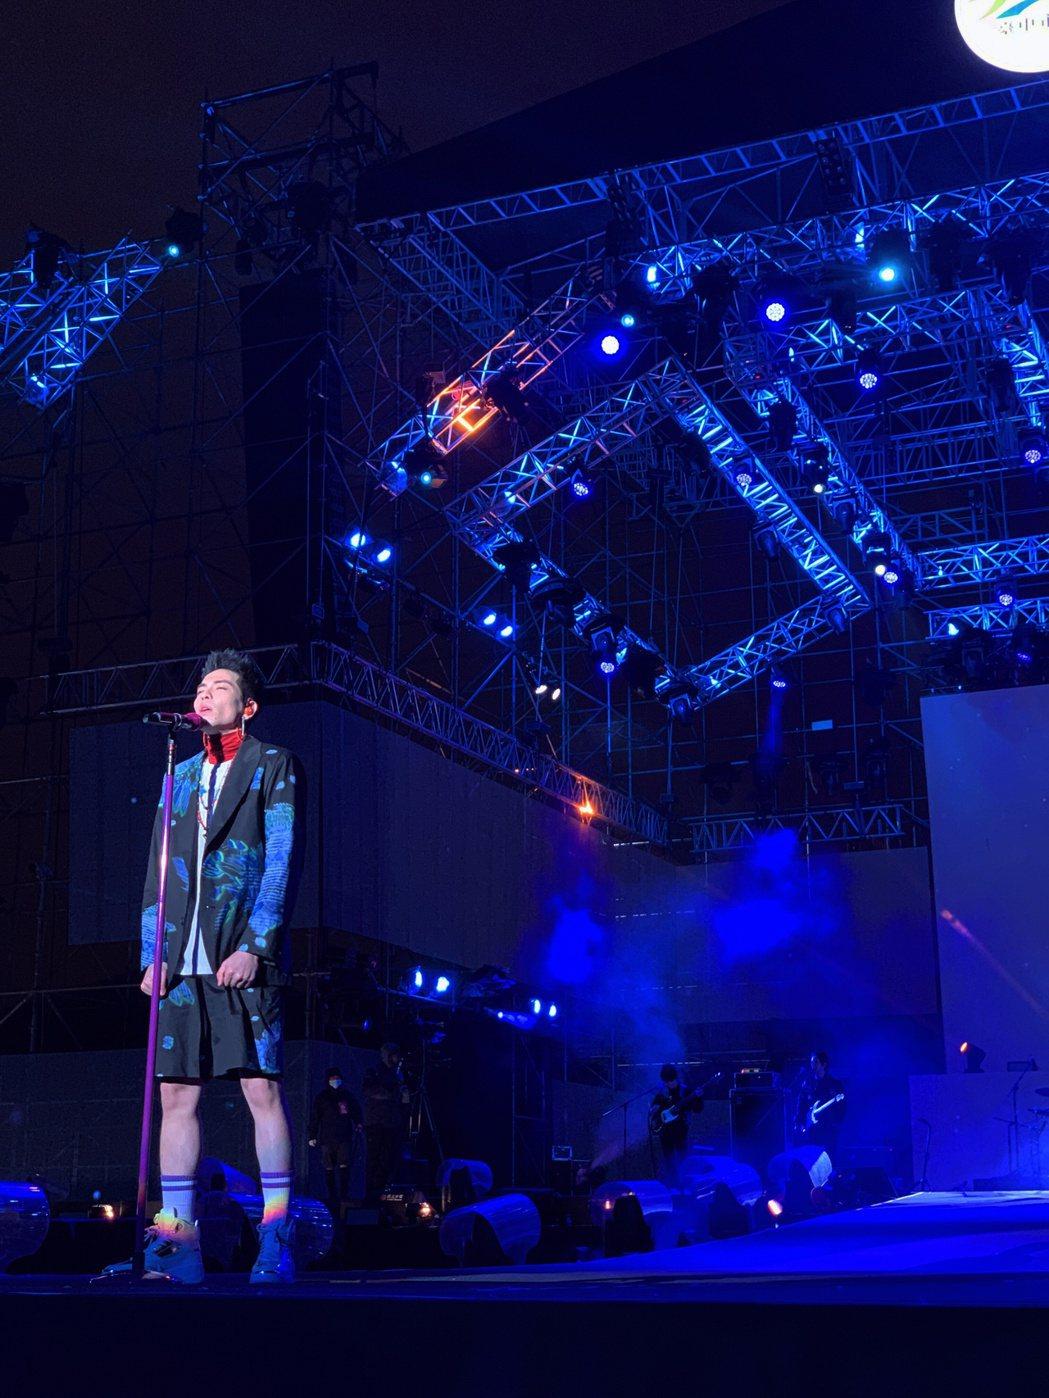 獅子LION首度於台中唱跨年,擔任最強開場。圖/喜鵲提供